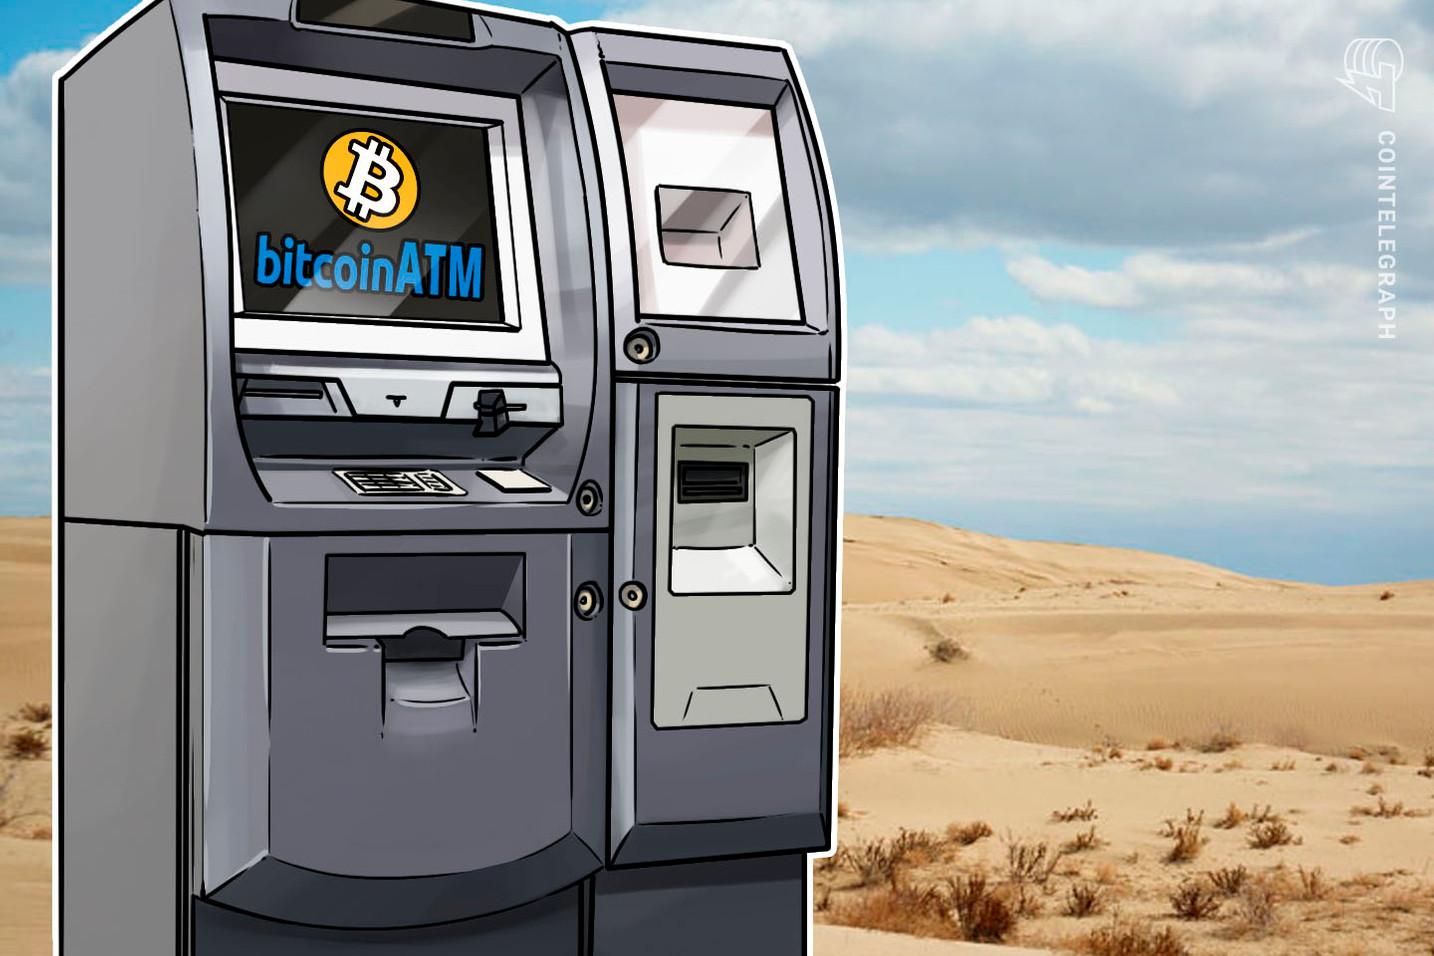 ビットコインATMのリバティX、ネットワークに新たに90機追加 米ATM運営会社と新たに提携